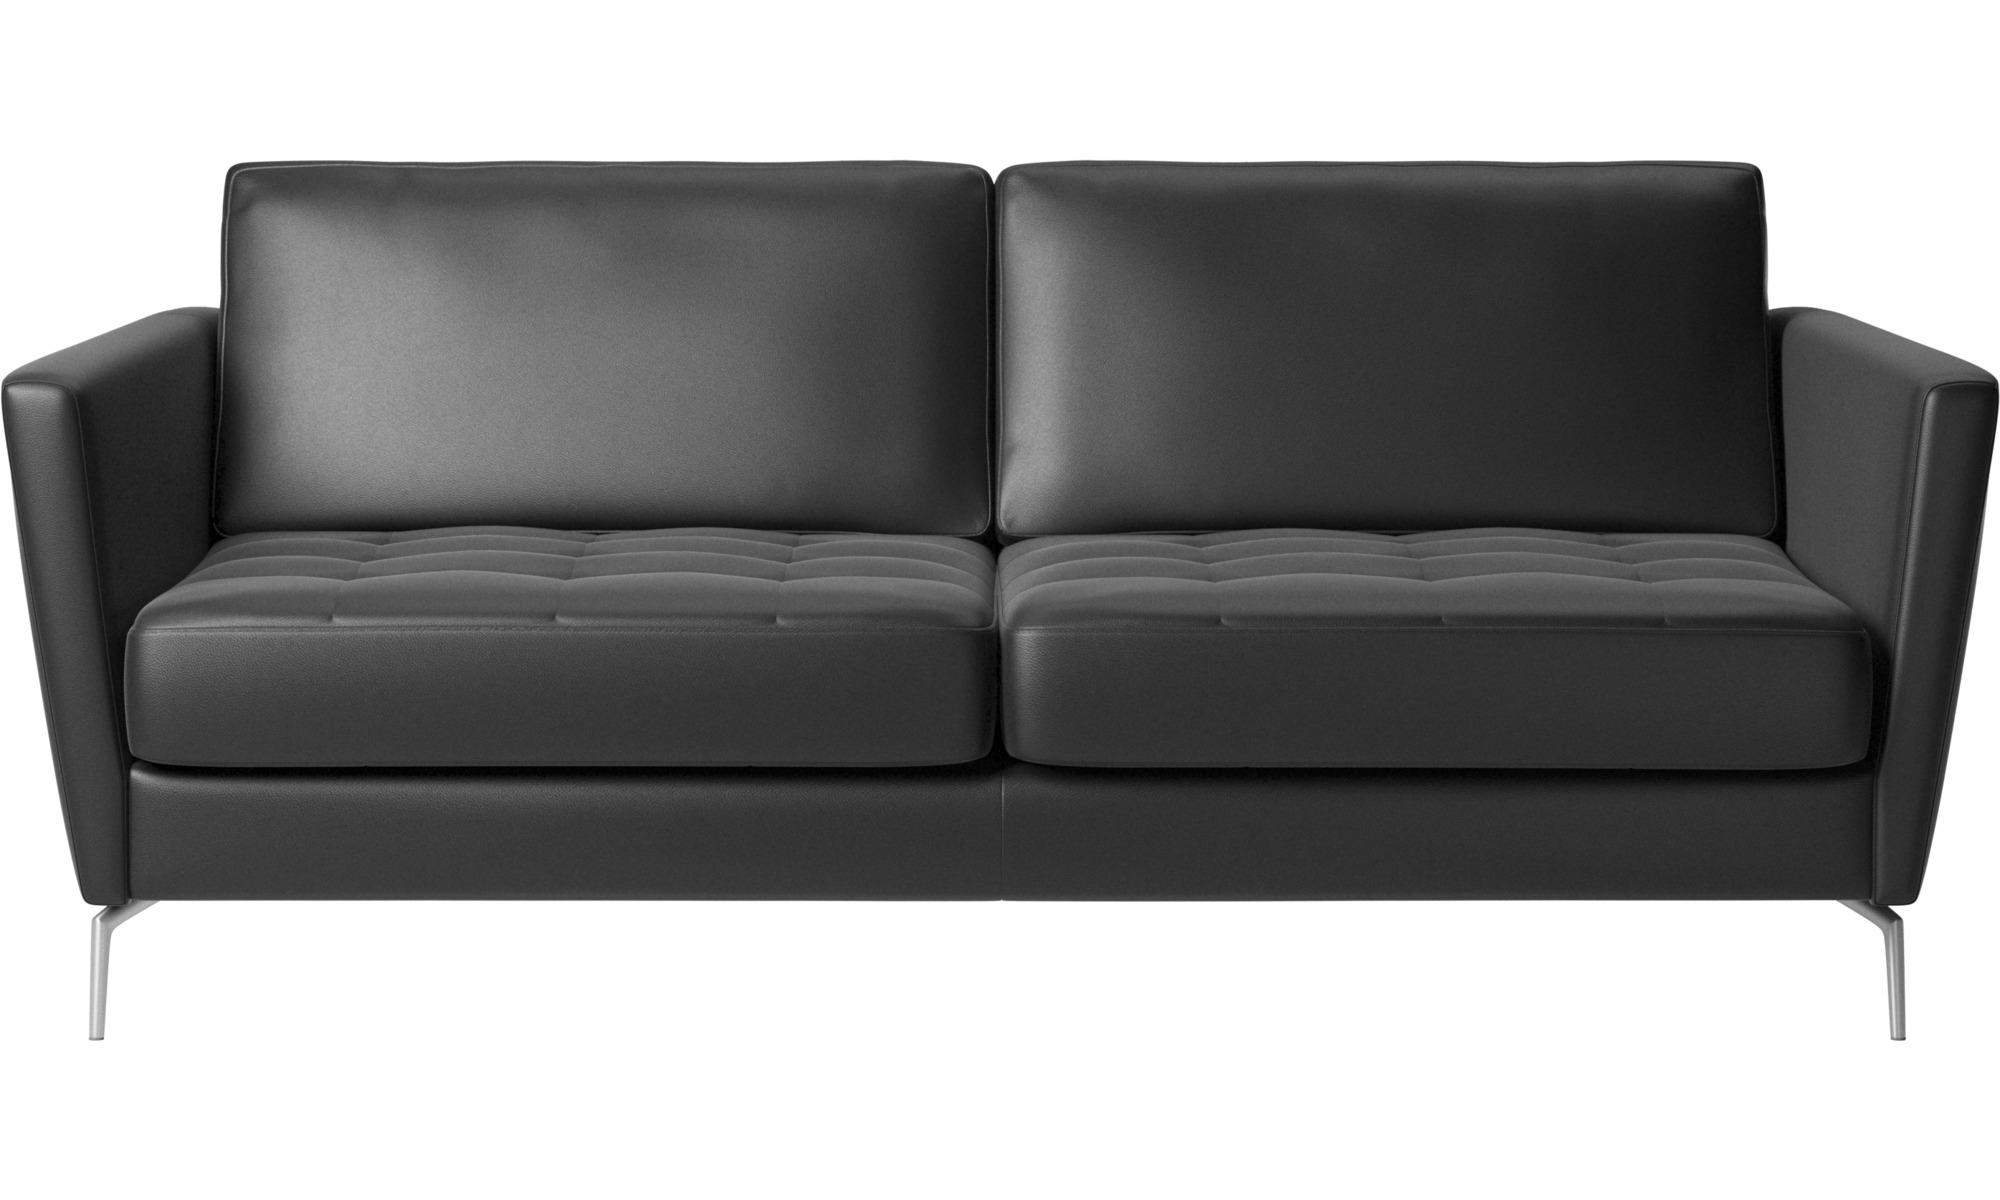 Sofy rozkładane - Sofa Osaka z funkcją spania, pikowane siedzisko - Czarny - Skóra